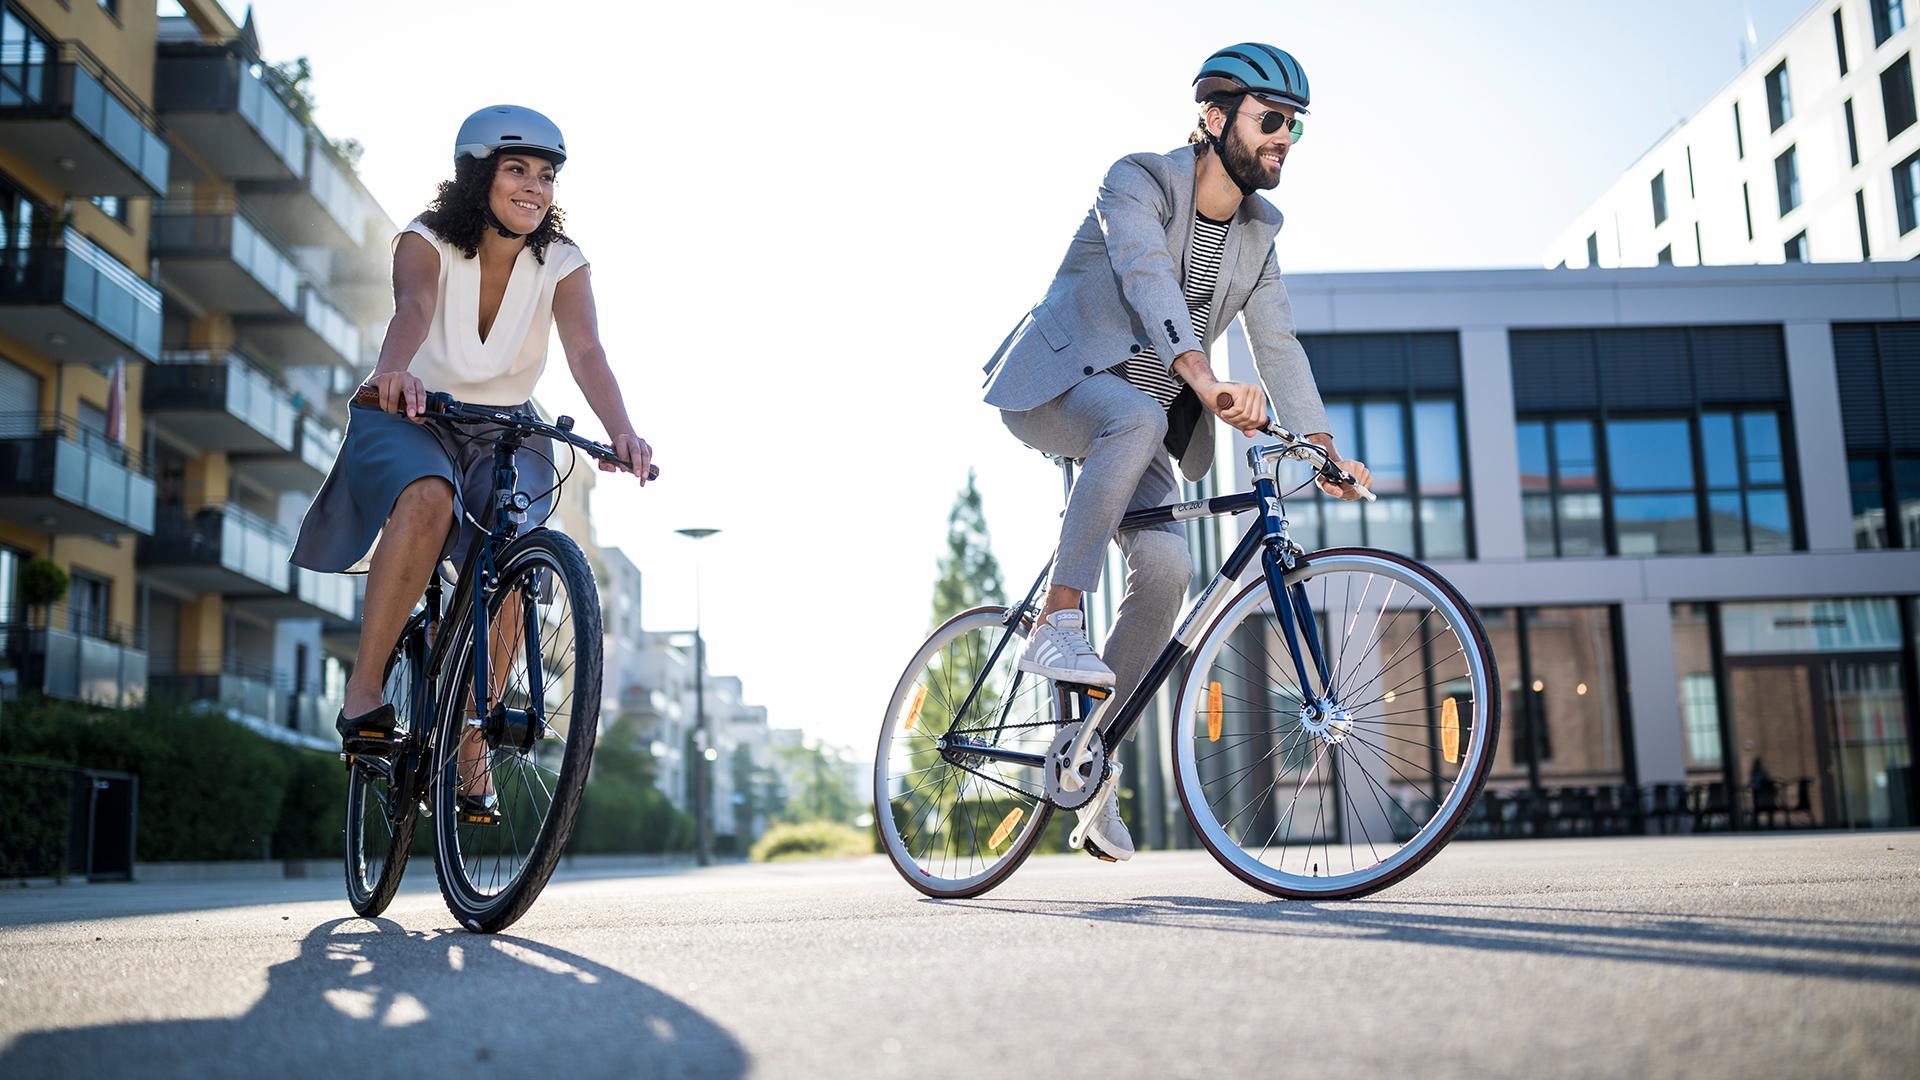 Ein Paar ist in der Stadt mit zwei Fahrrädern unterwegs.